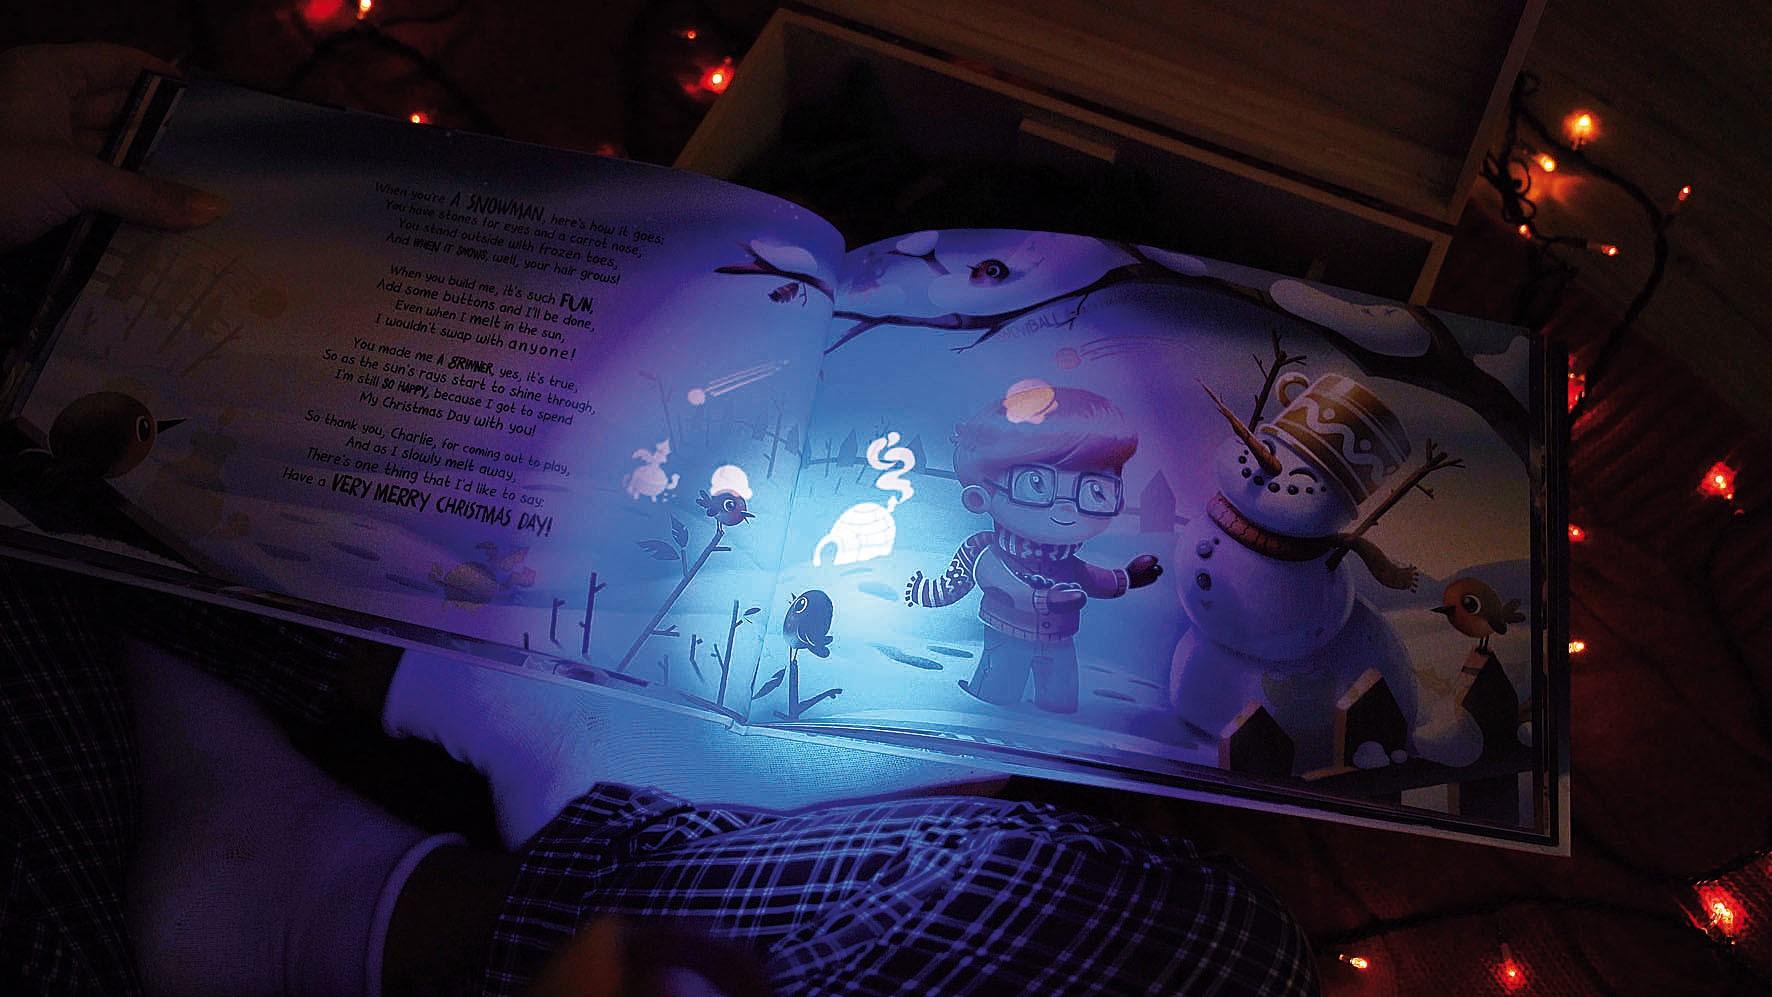 Glow in the dark: Personalisierte Kinderbücher